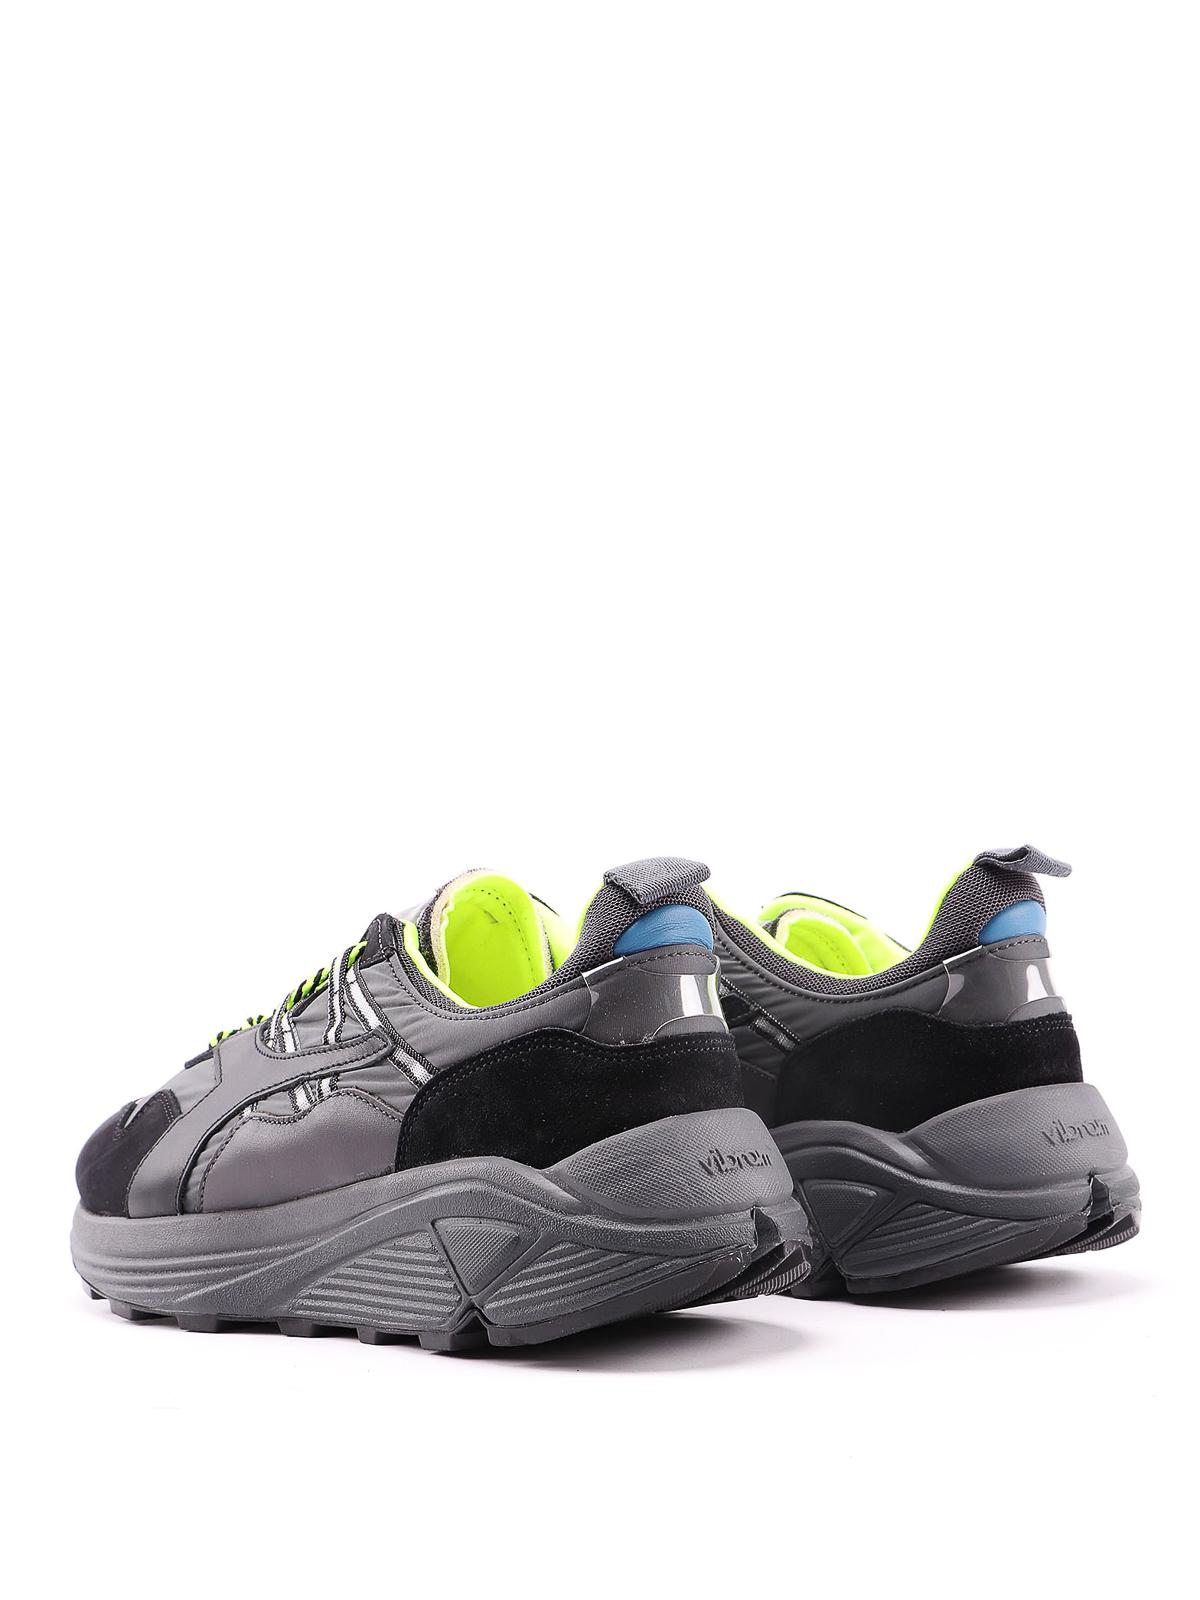 Diadora Heritage - Rave Nylon sneakers